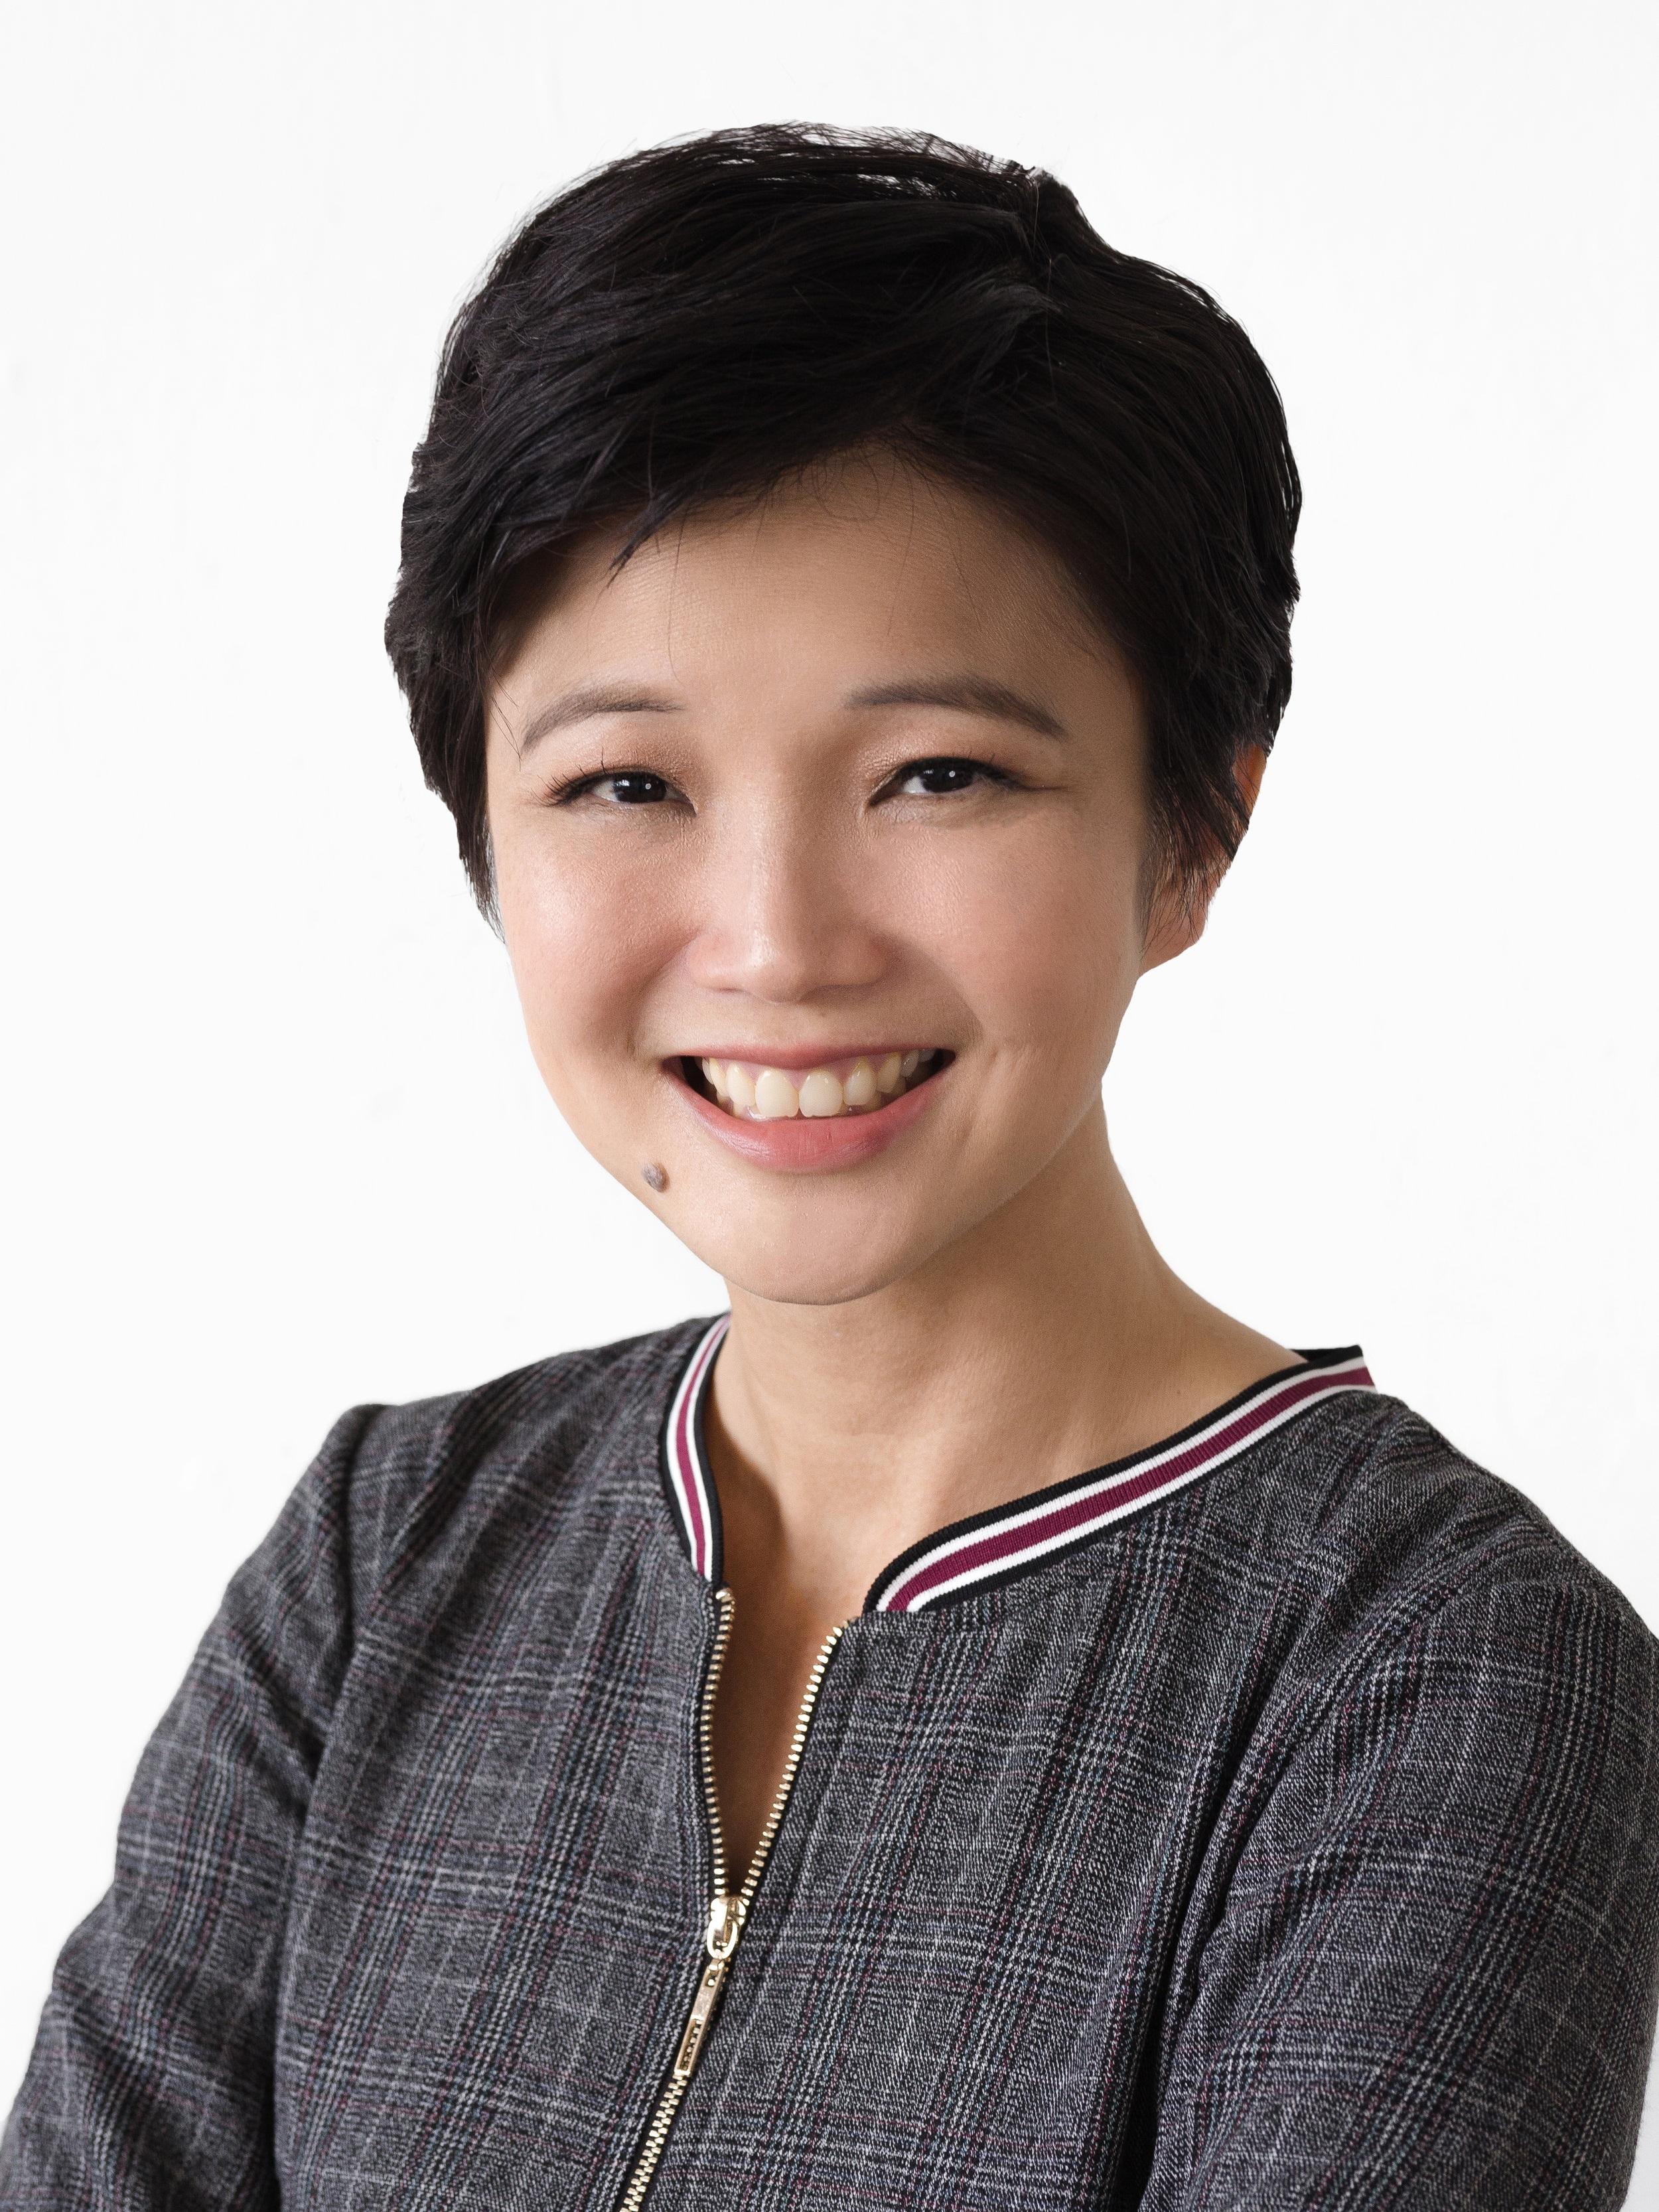 Mei+Chee+1+of+2.jpg